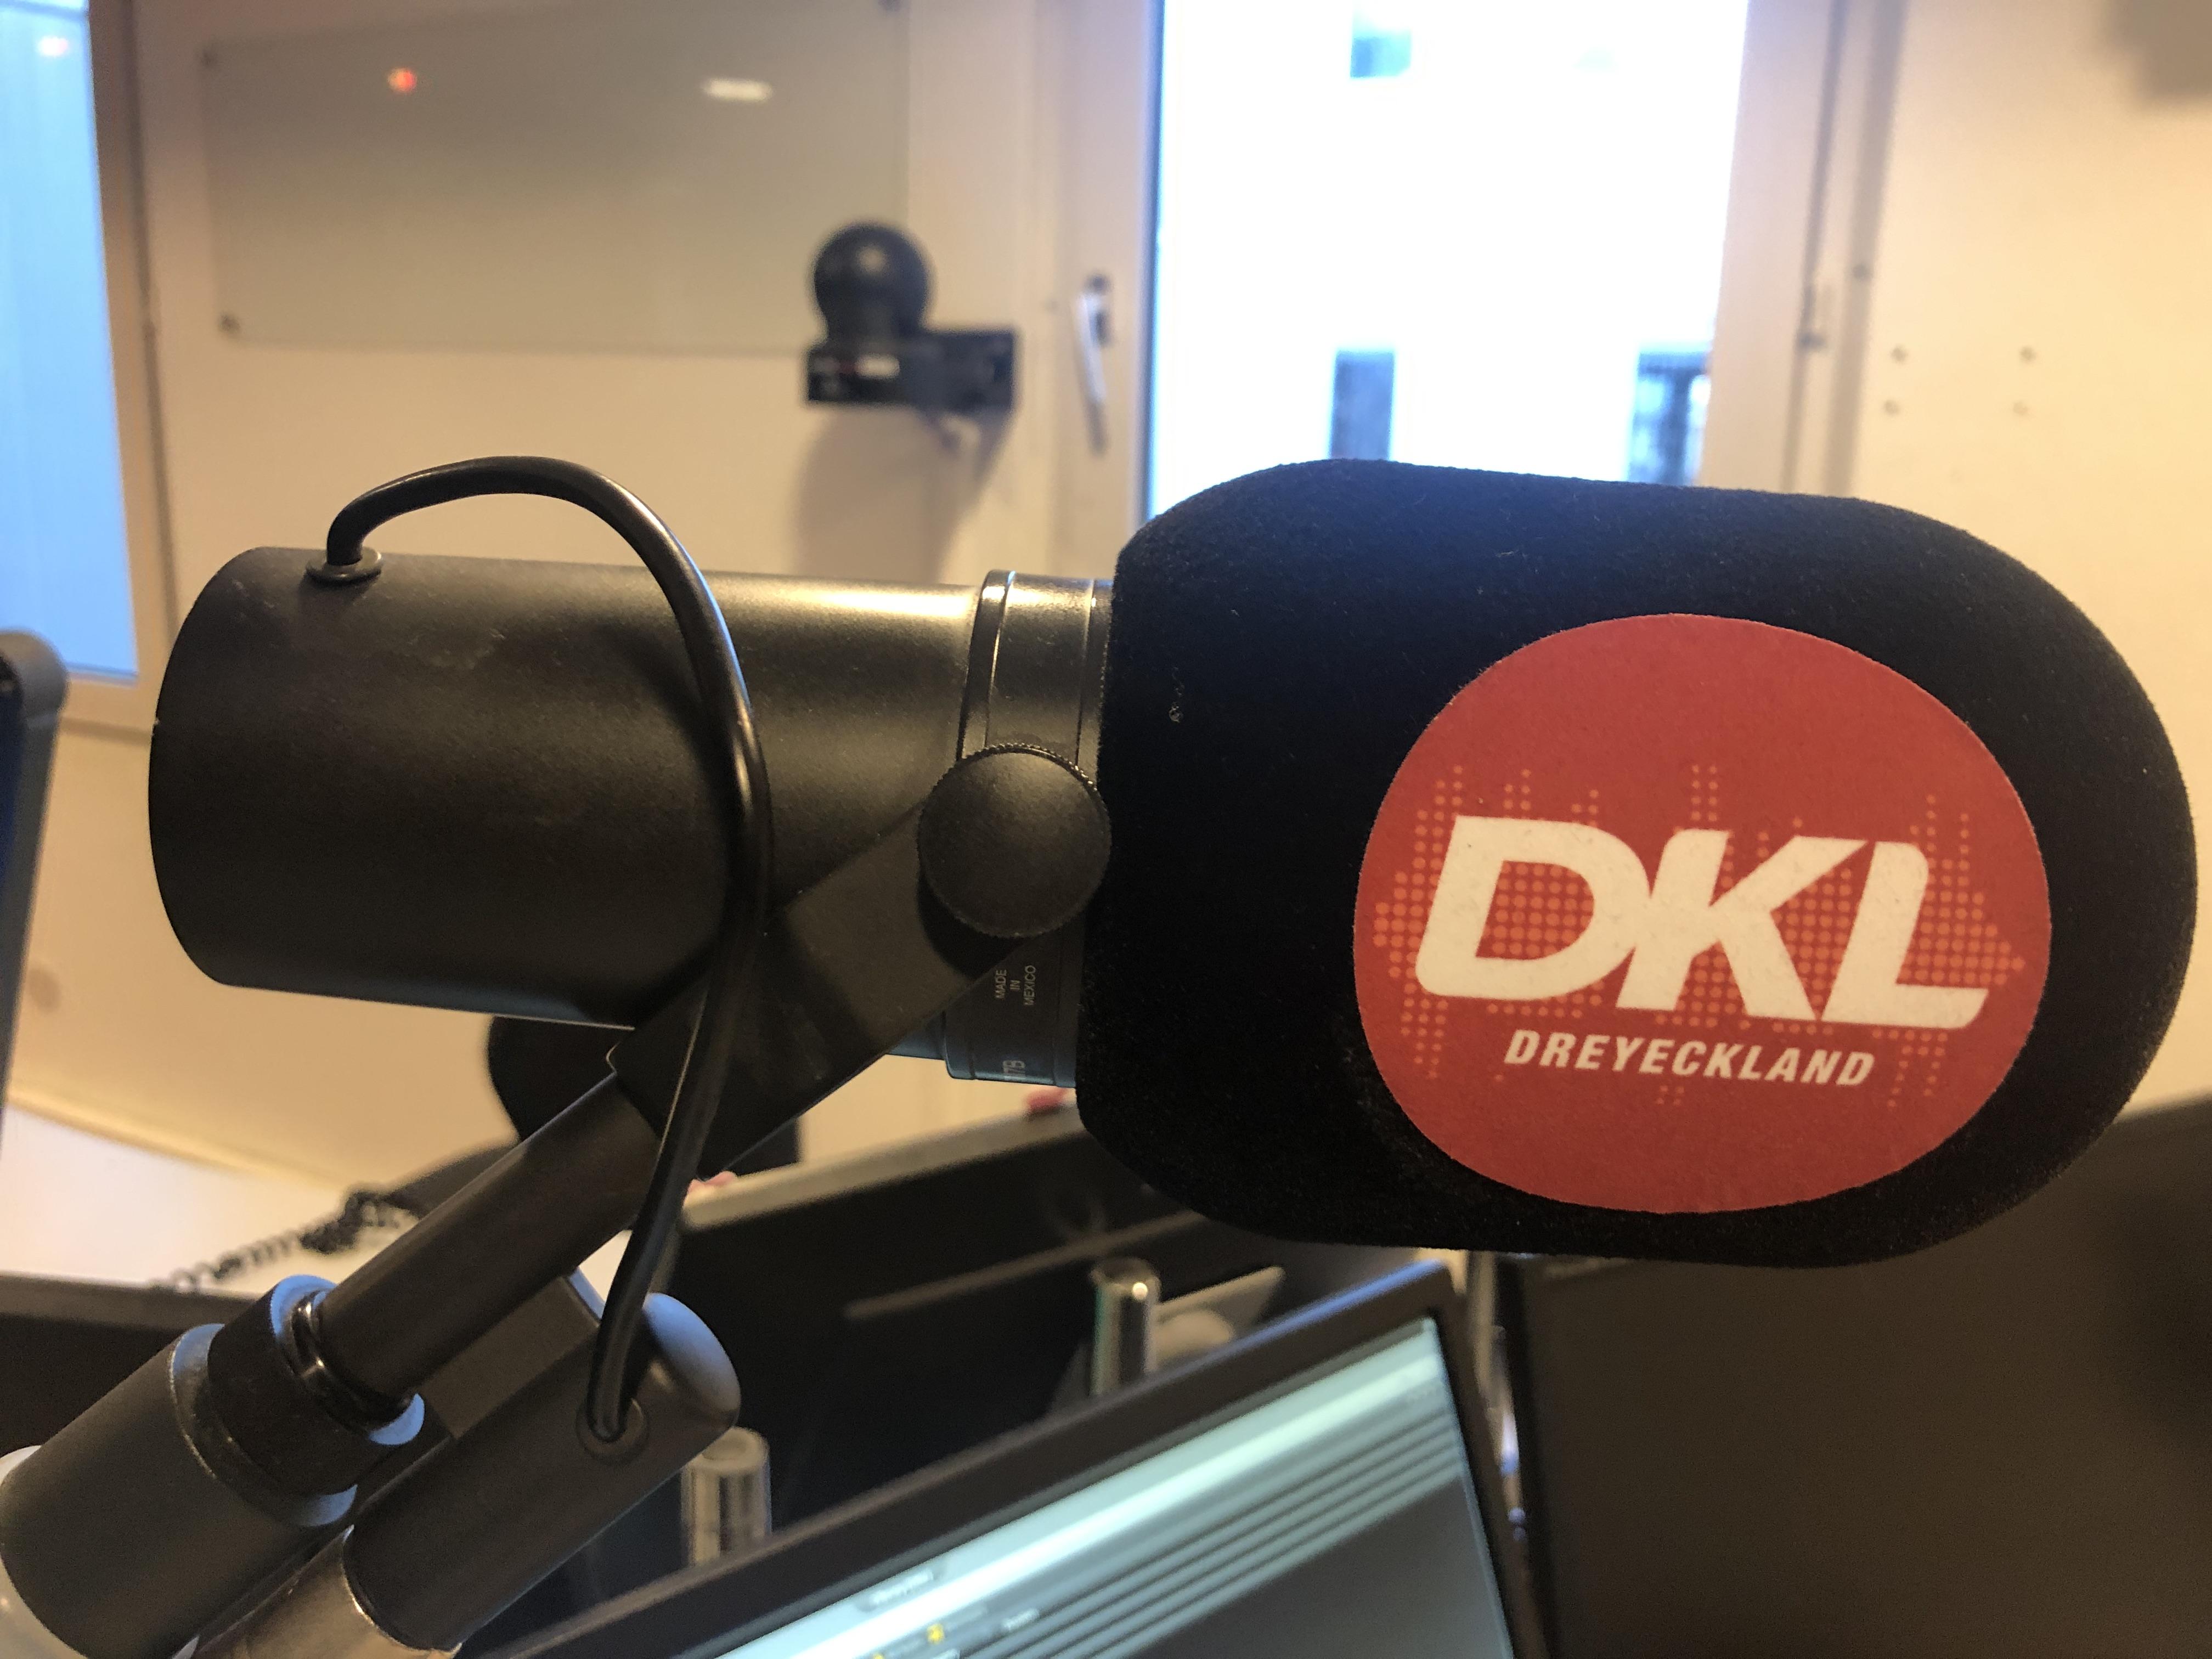 Radio Dreyeckland, station historique alsacienne, a fait évoluer son nom pour devenir DKL Dreyeckland.